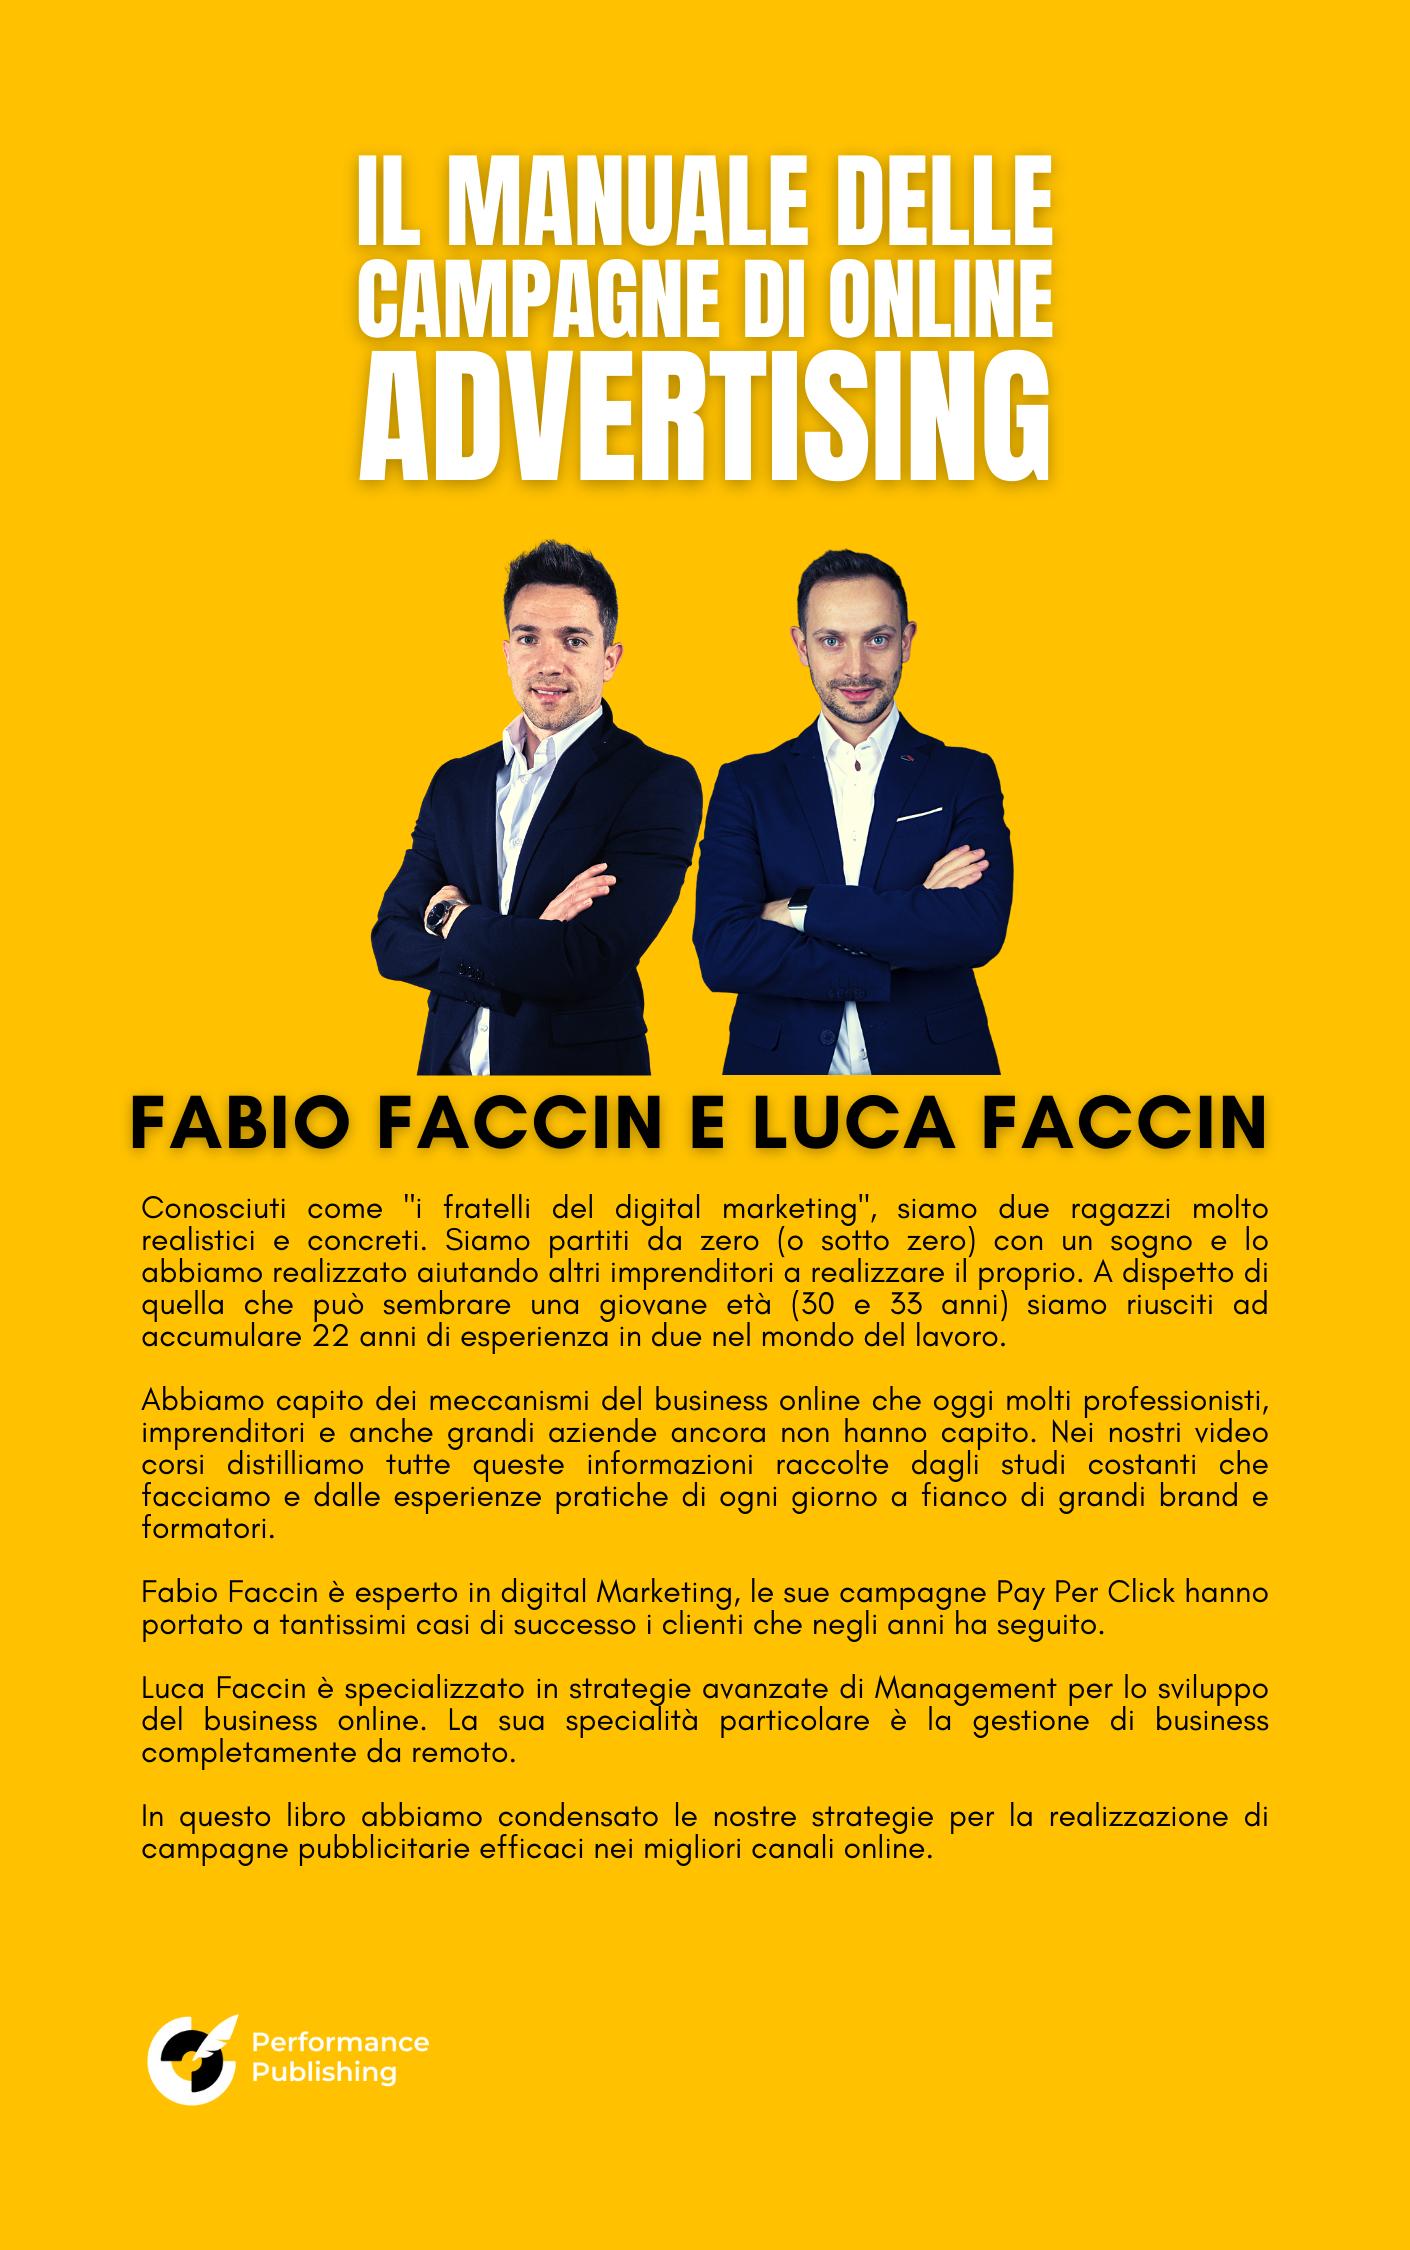 Il manuale delle campagne di online advertising retro